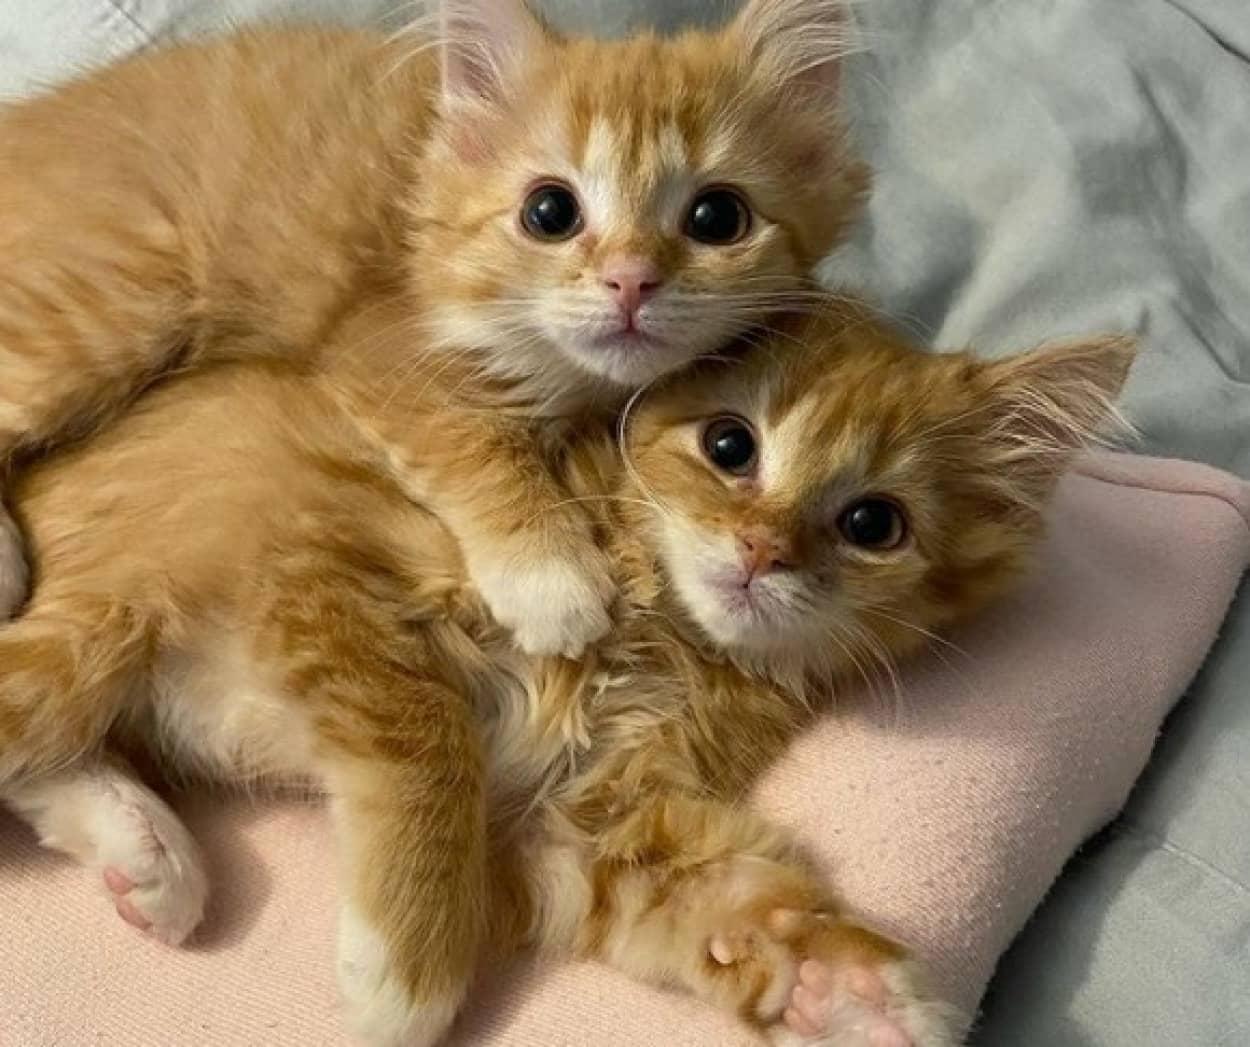 病気の子猫が保護され、愛情と治療で元気にすくすく育つ